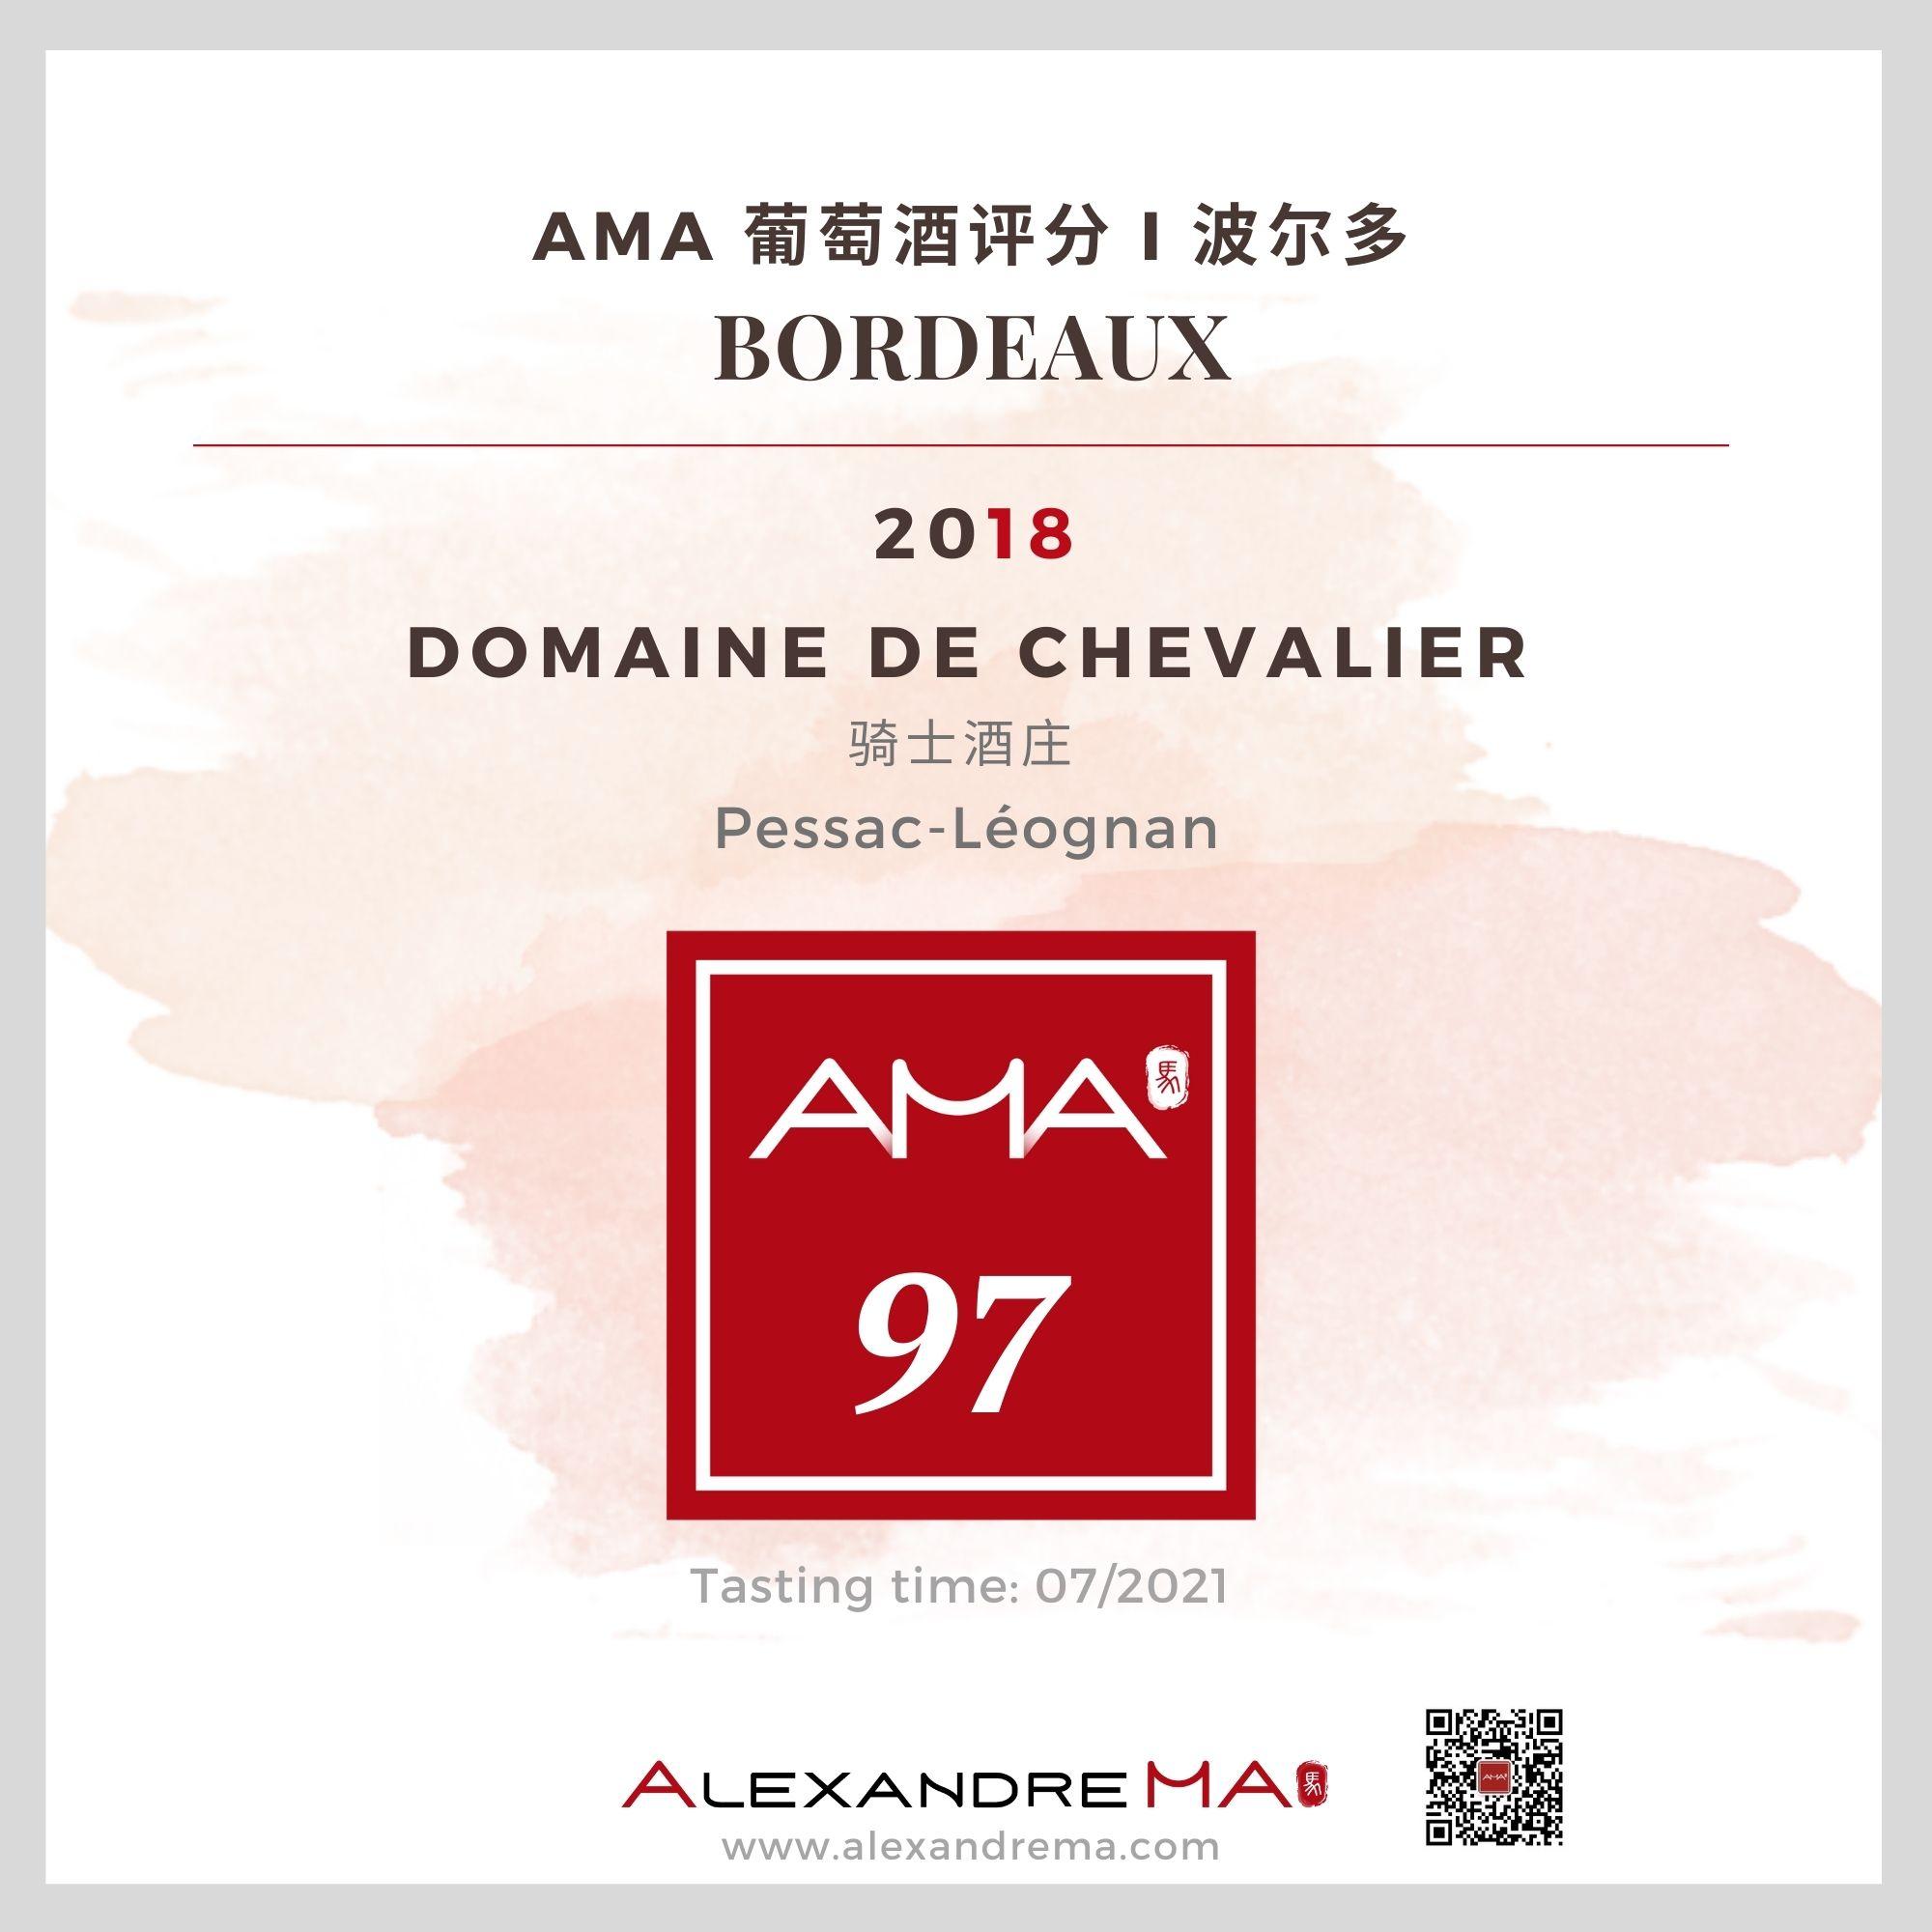 Domaine de Chevalier 2018 - Alexandre MA